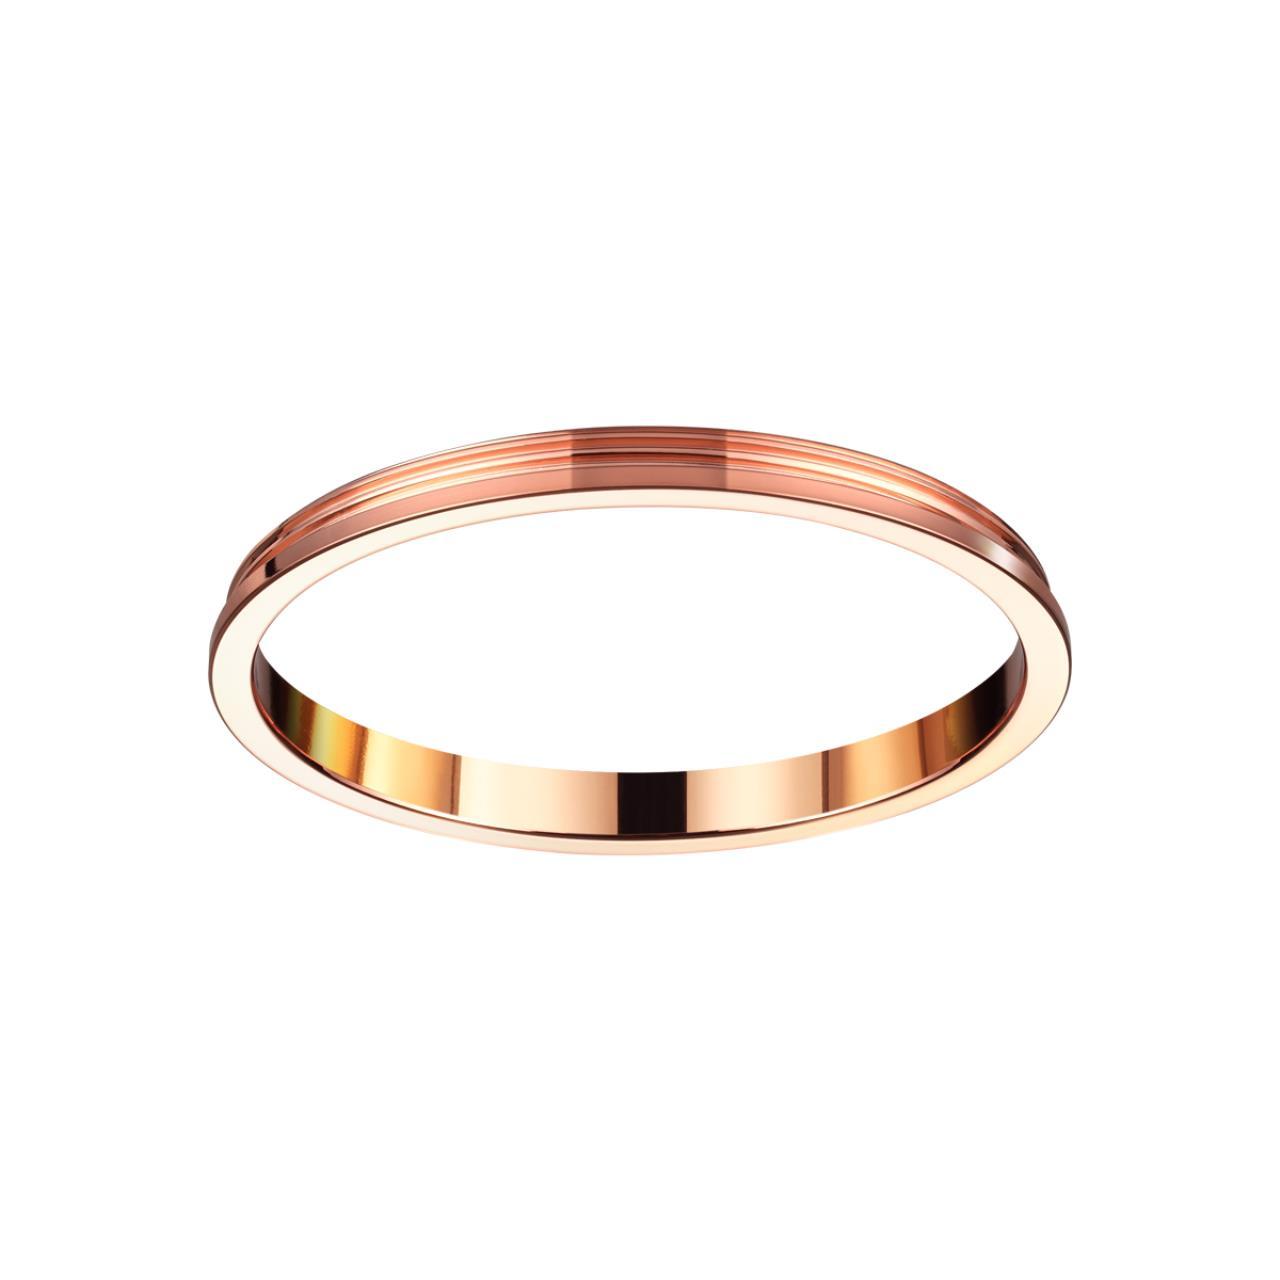 370544 KONST NT19 029 медь Внешнее декоративное кольцо к артикулам 370529 - 370534 UNITE